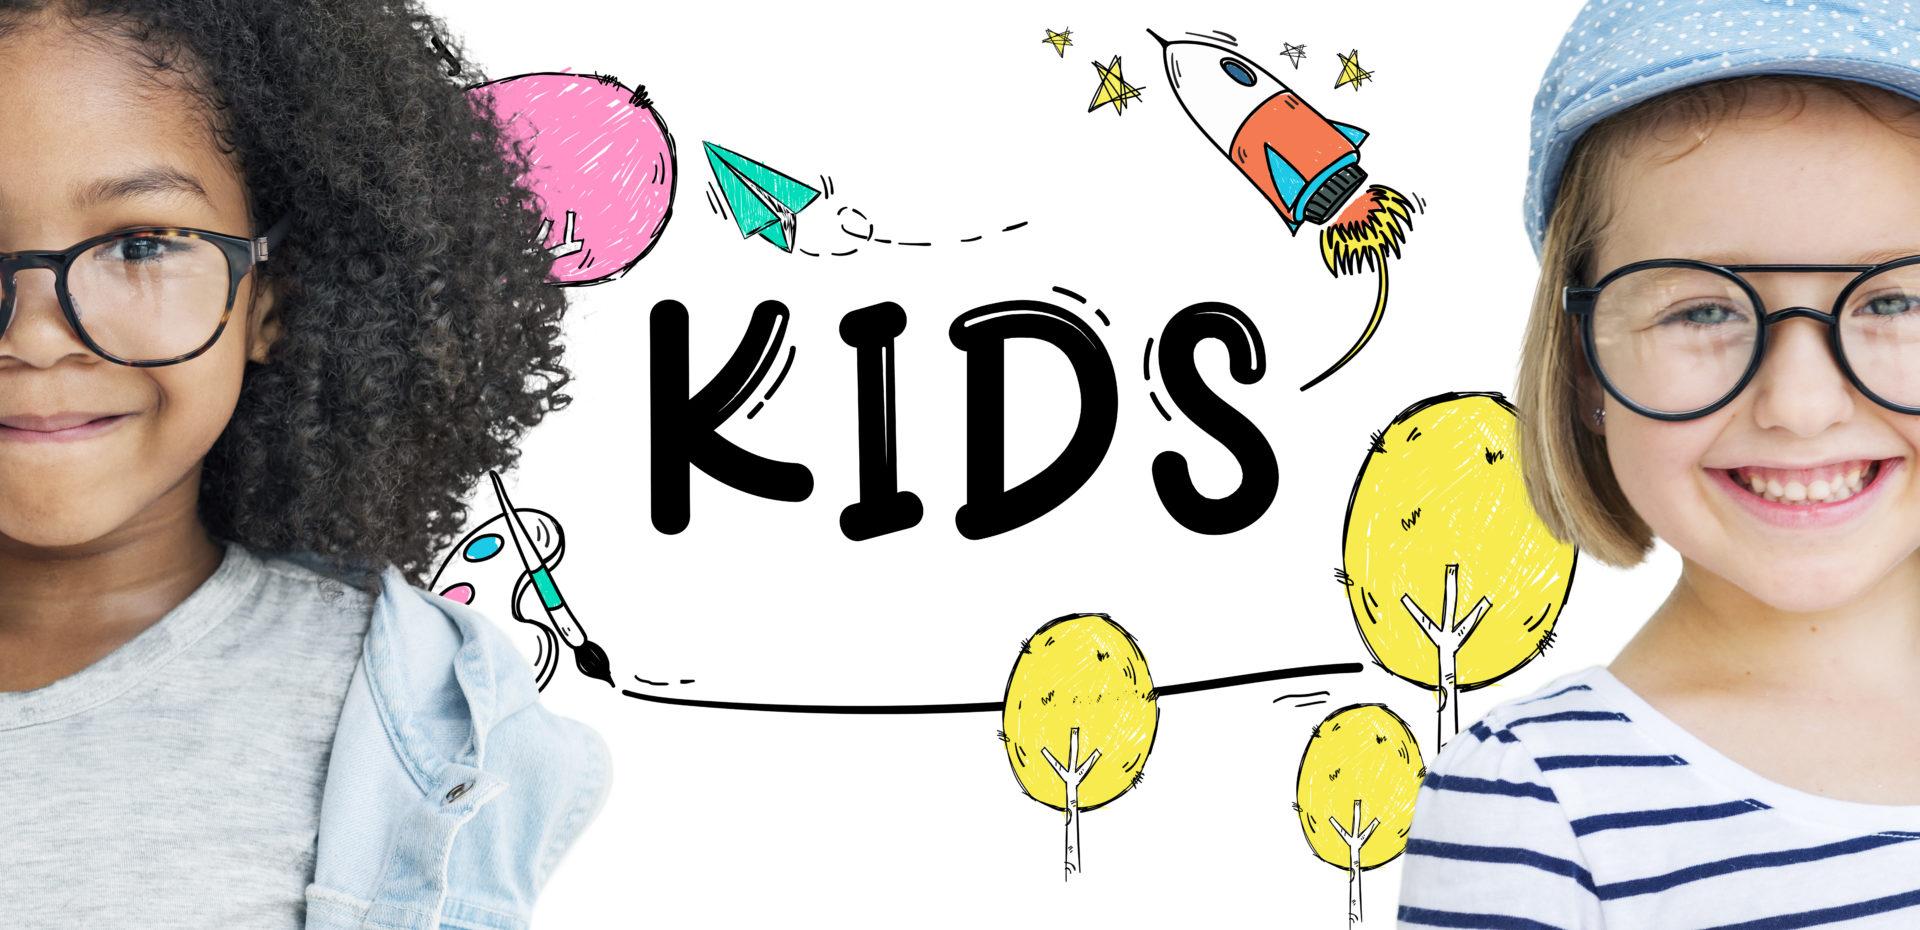 Idée Cadeau Pour Enfant (Fille) De 6 Ans À 12 Ans - Jeux Et avec Jeux Gratuit Fille 5 Ans